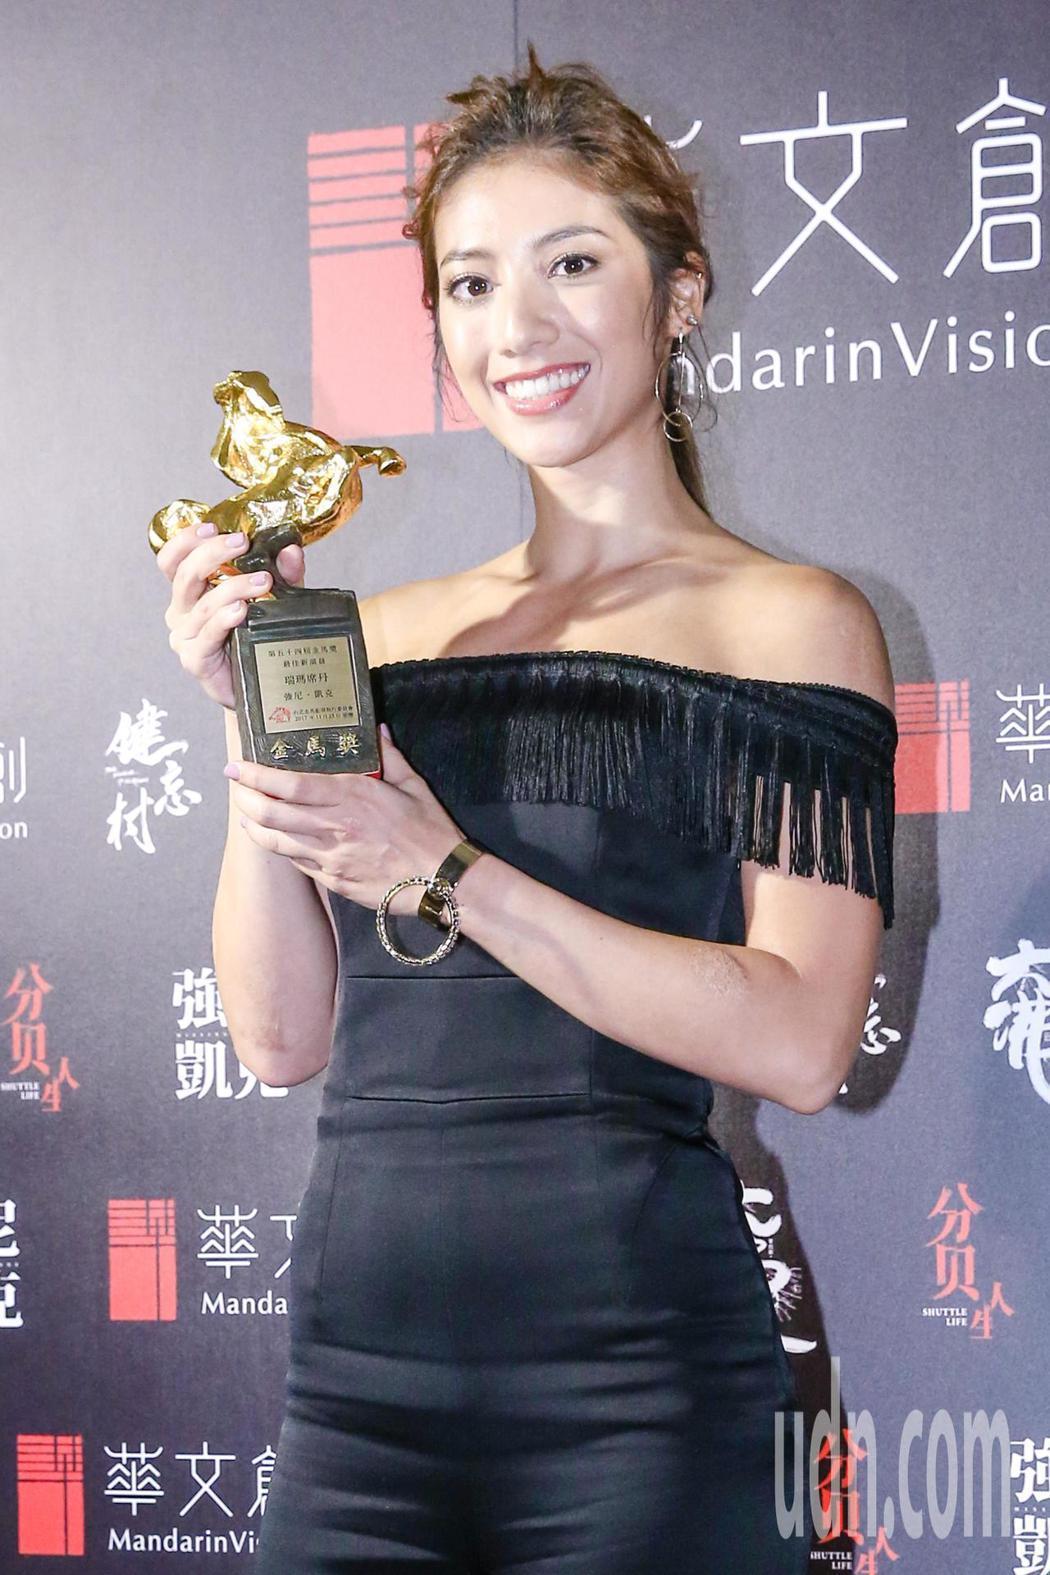 瑞瑪席丹以「強尼·凱克」獲得金馬新人獎。記者鄭清元/攝影